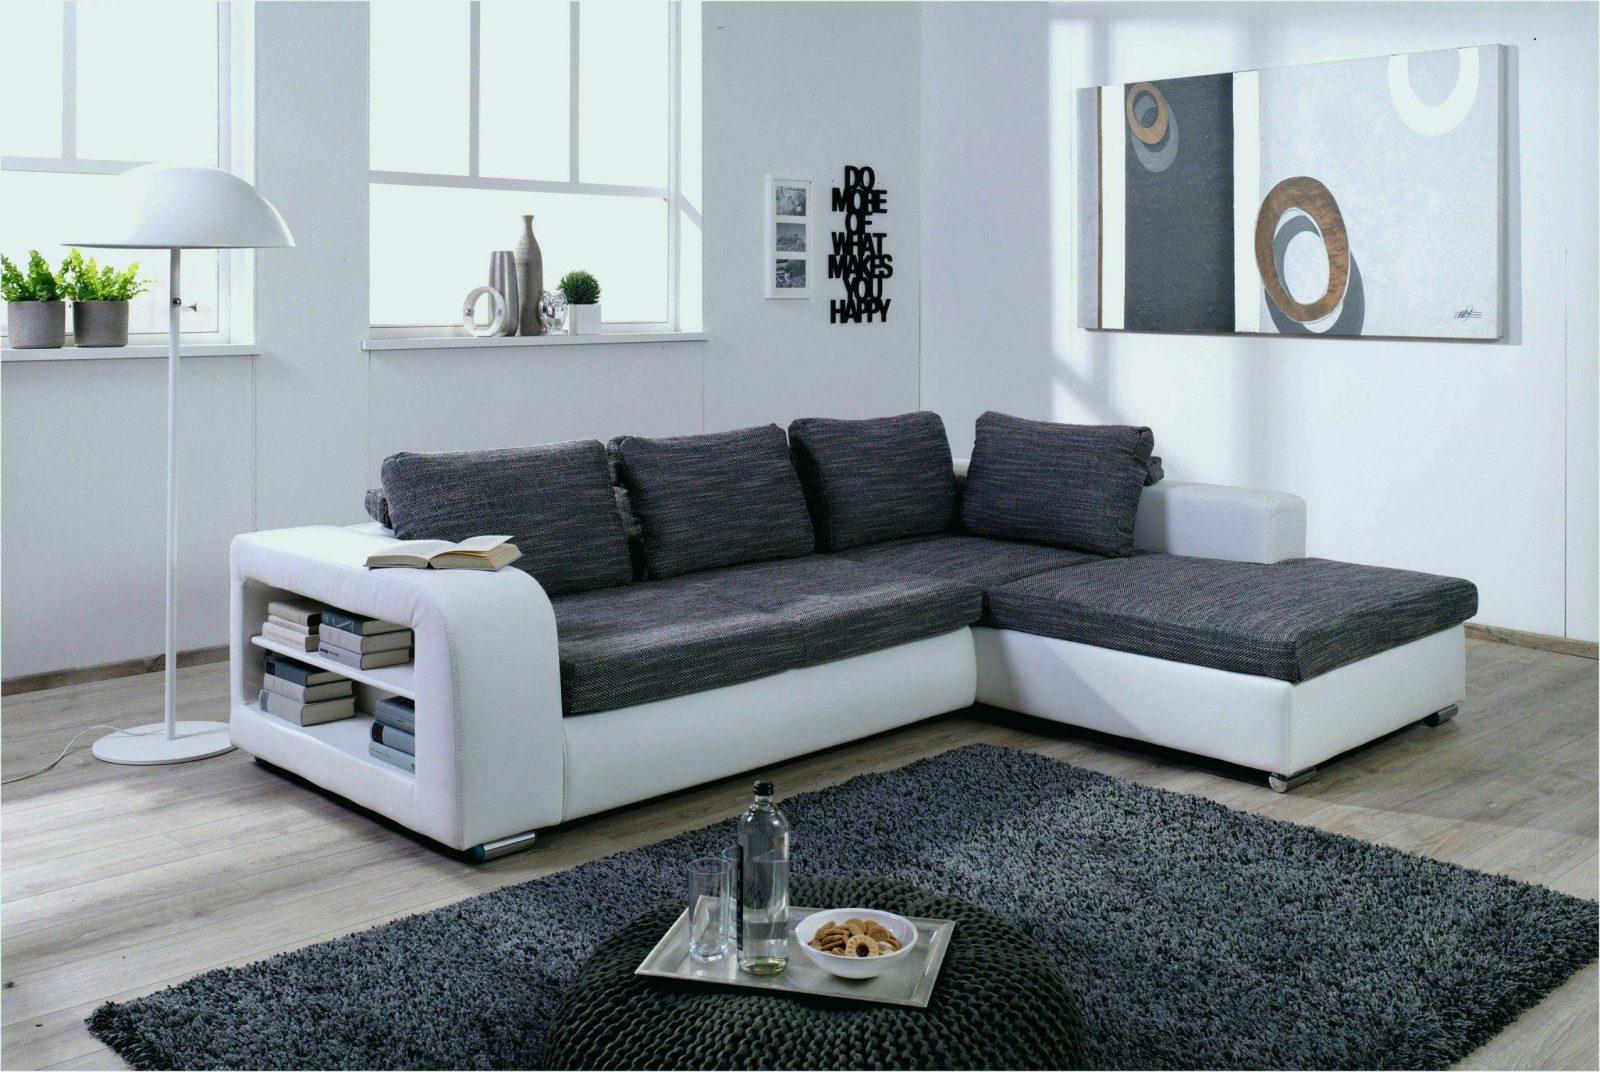 Sofa Xxl Mit Schlaffunktion Inspirational Big Sofa Xxl U Form Trendy von Couch L-Form Mit Schlaffunktion Photo